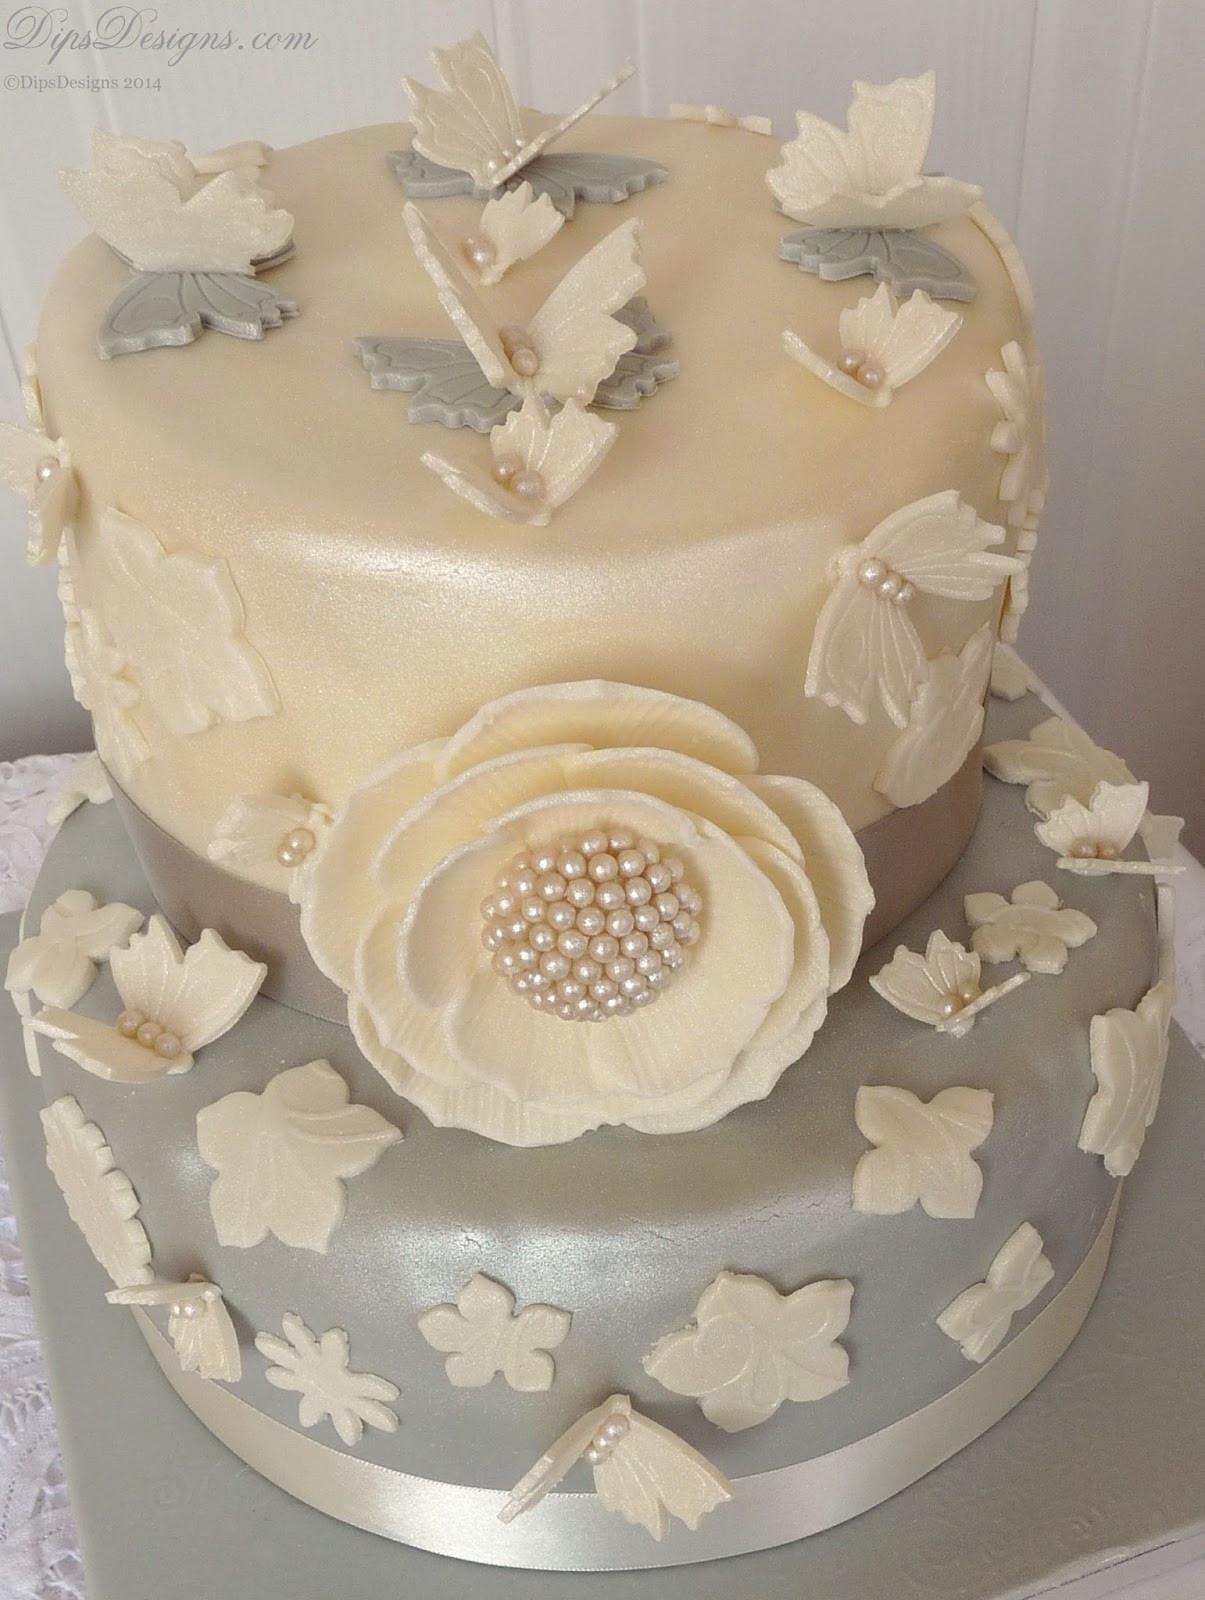 Diamond Wedding Cakes  DipsDesigns Ivory & Platinum Diamond Wedding Anniversary Cake